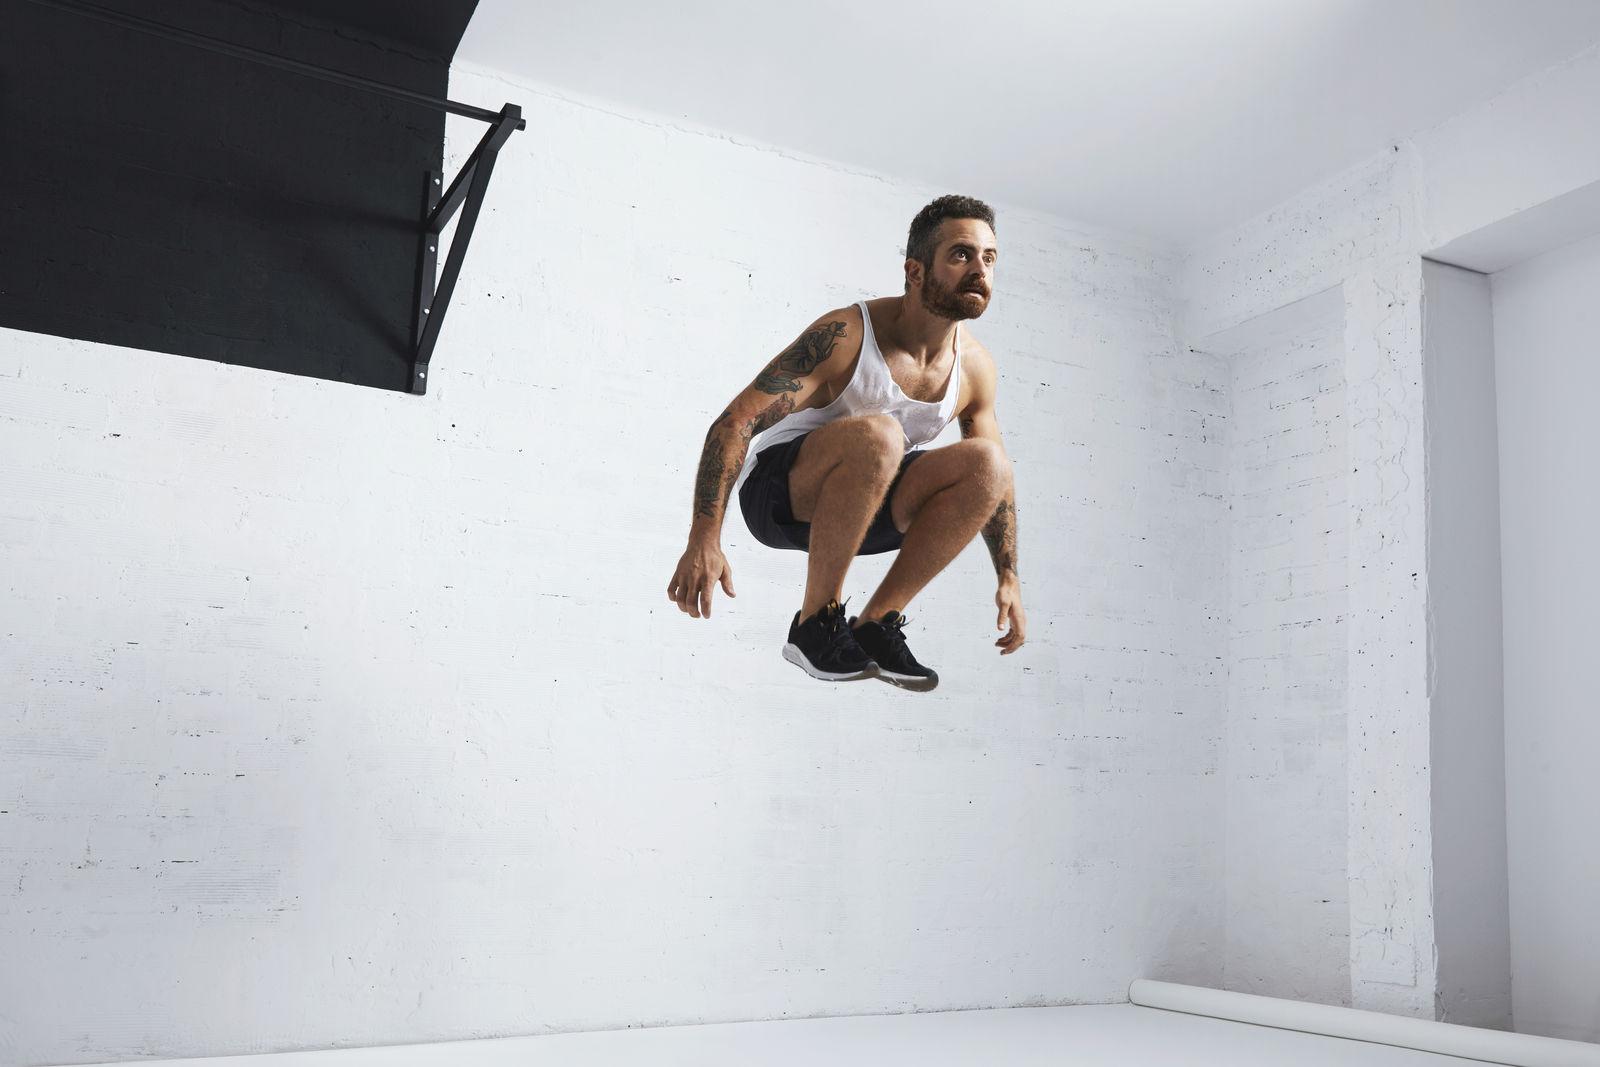 Watch Paul Fabritz do a 64″ vertical jump!